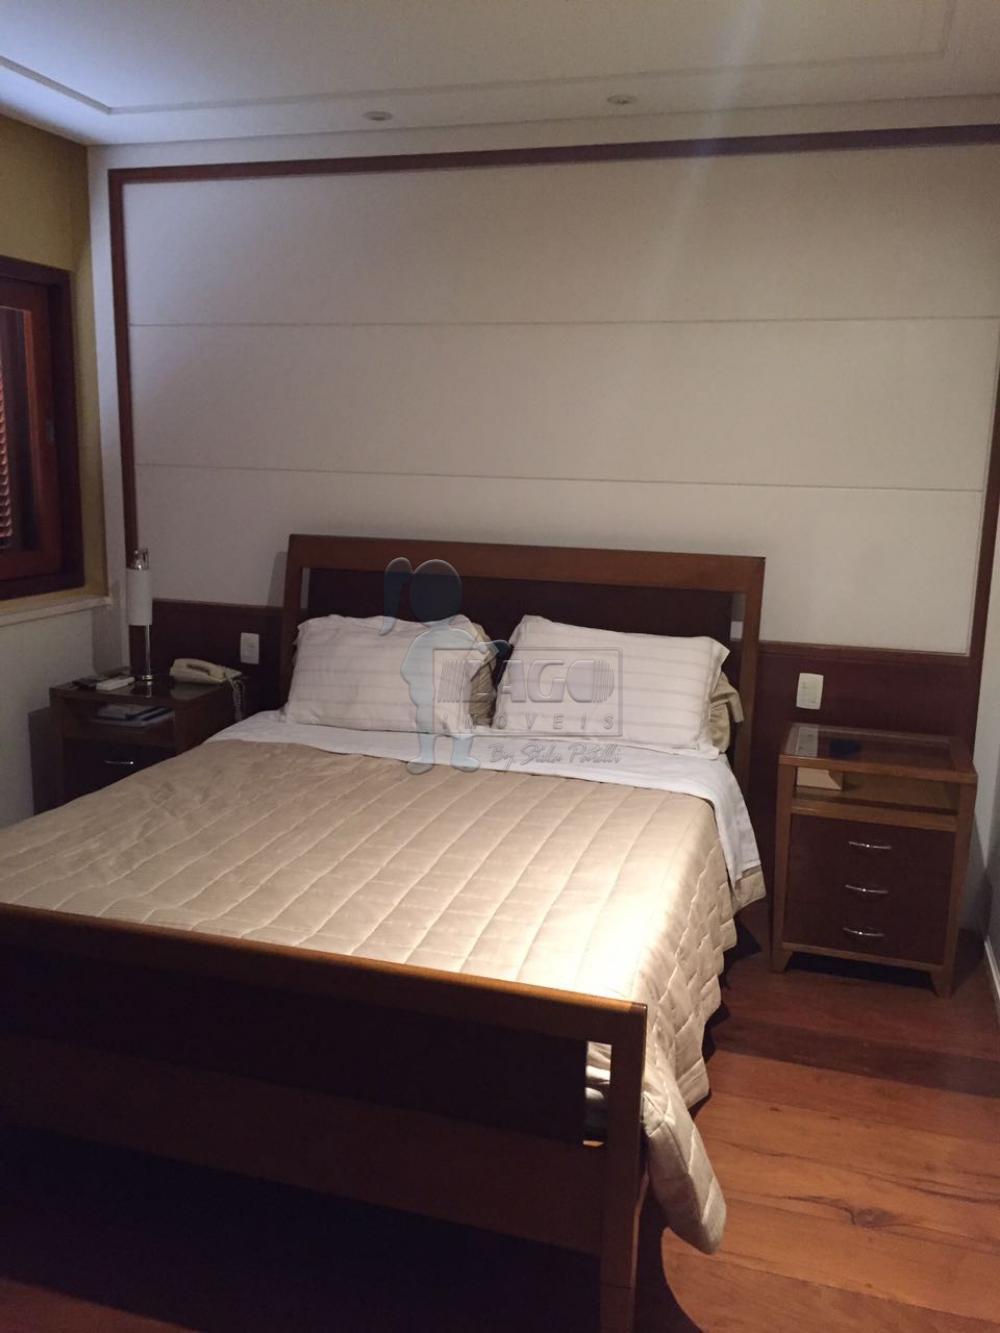 Alugar Casas / Condomínio em Bonfim Paulista apenas R$ 8.500,00 - Foto 32